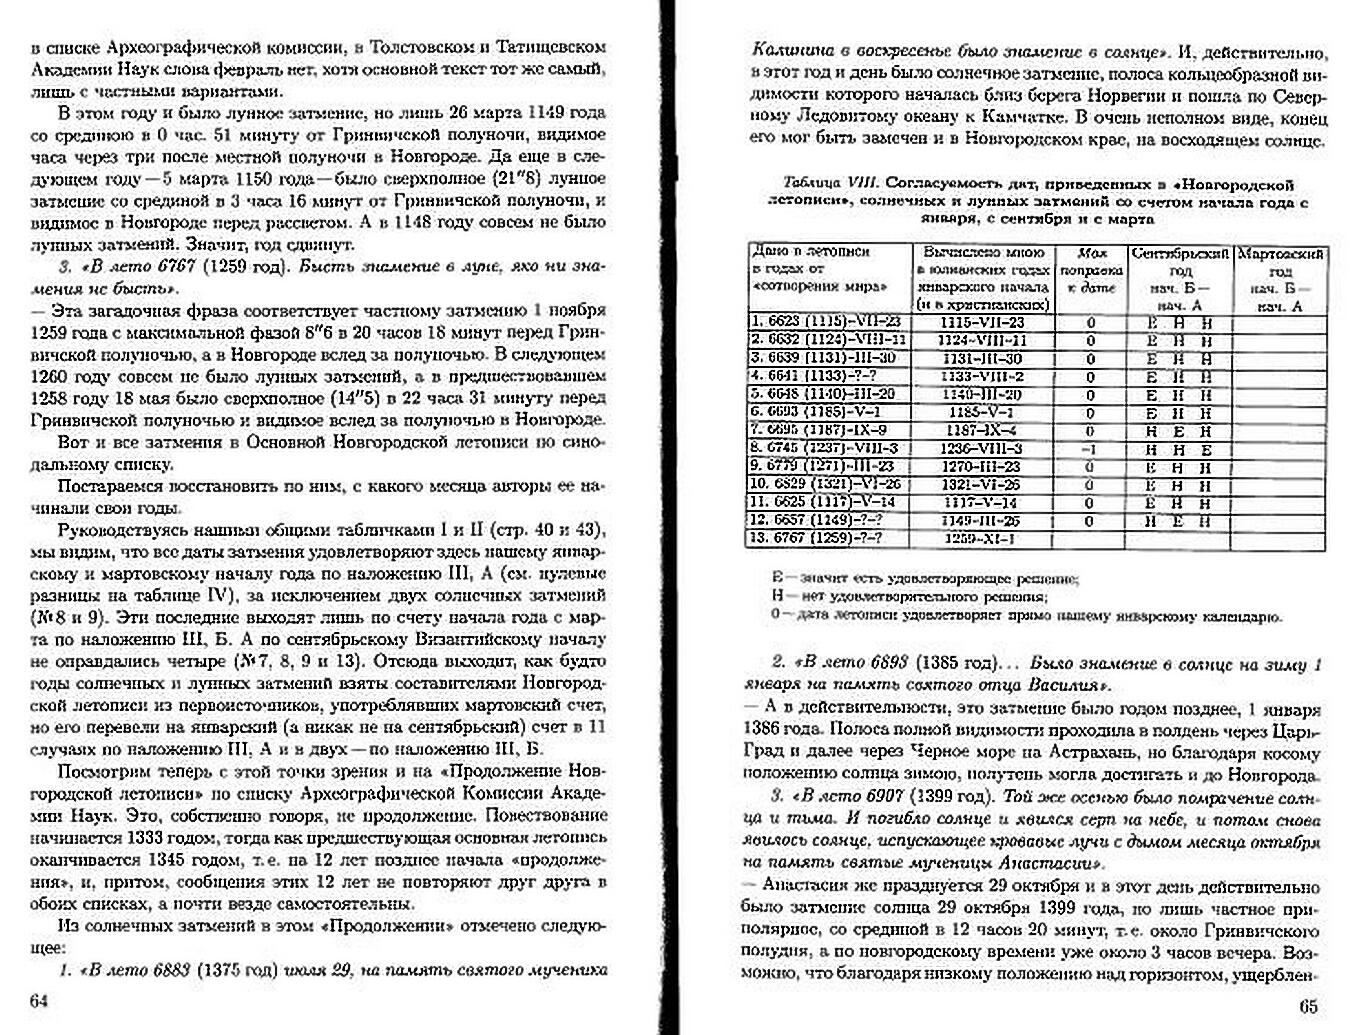 http://s8.uploads.ru/ayf1B.jpg